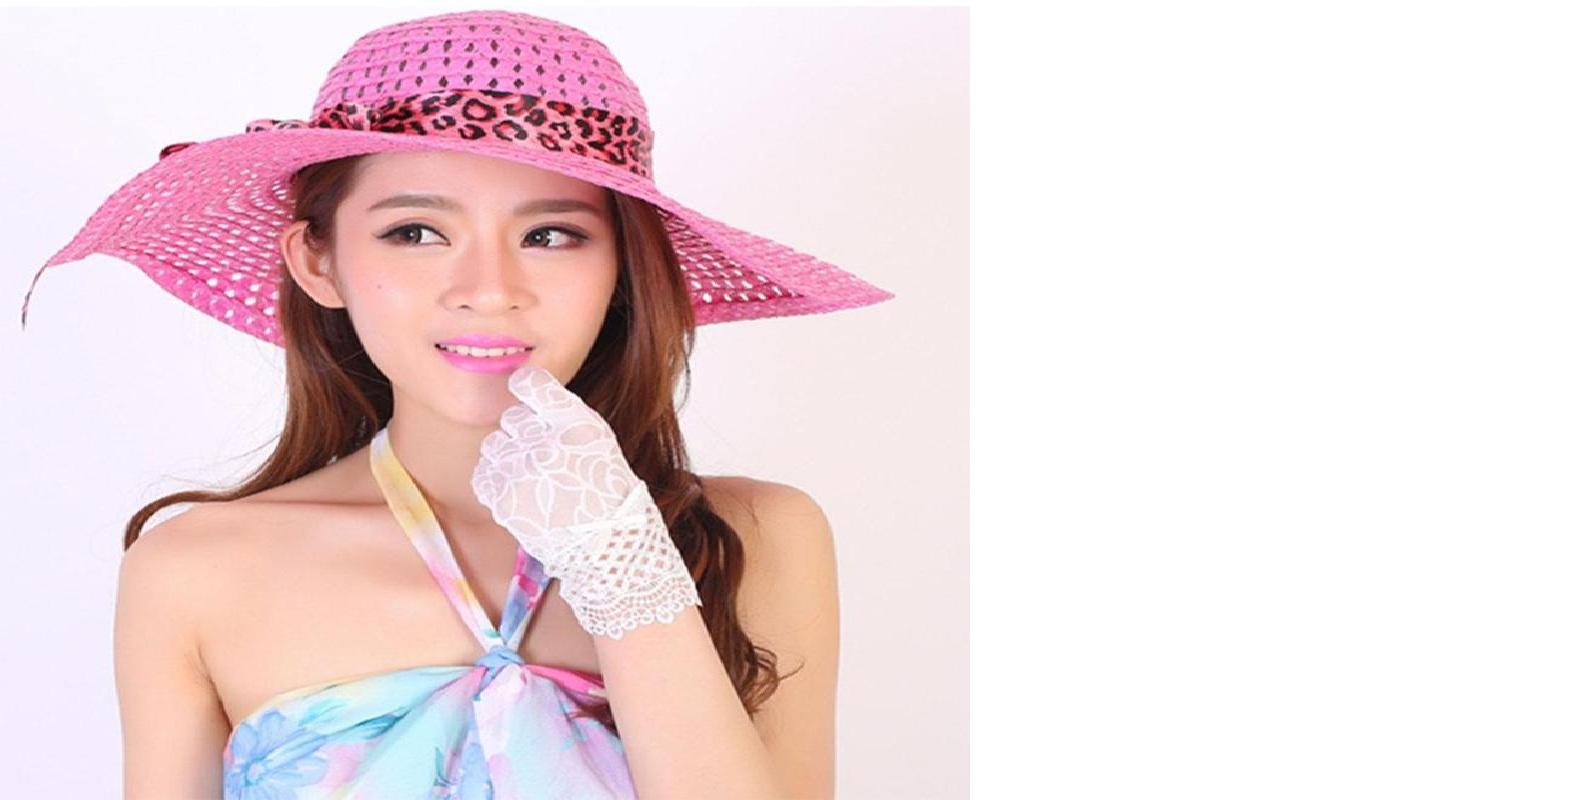 d0a6befbd8ac97 BTLIGE New Women Beach Hat Lady Derby Cap Wide Brim Floppy Fold Summer  Bohemia Sun Straw Hat Dropshipping